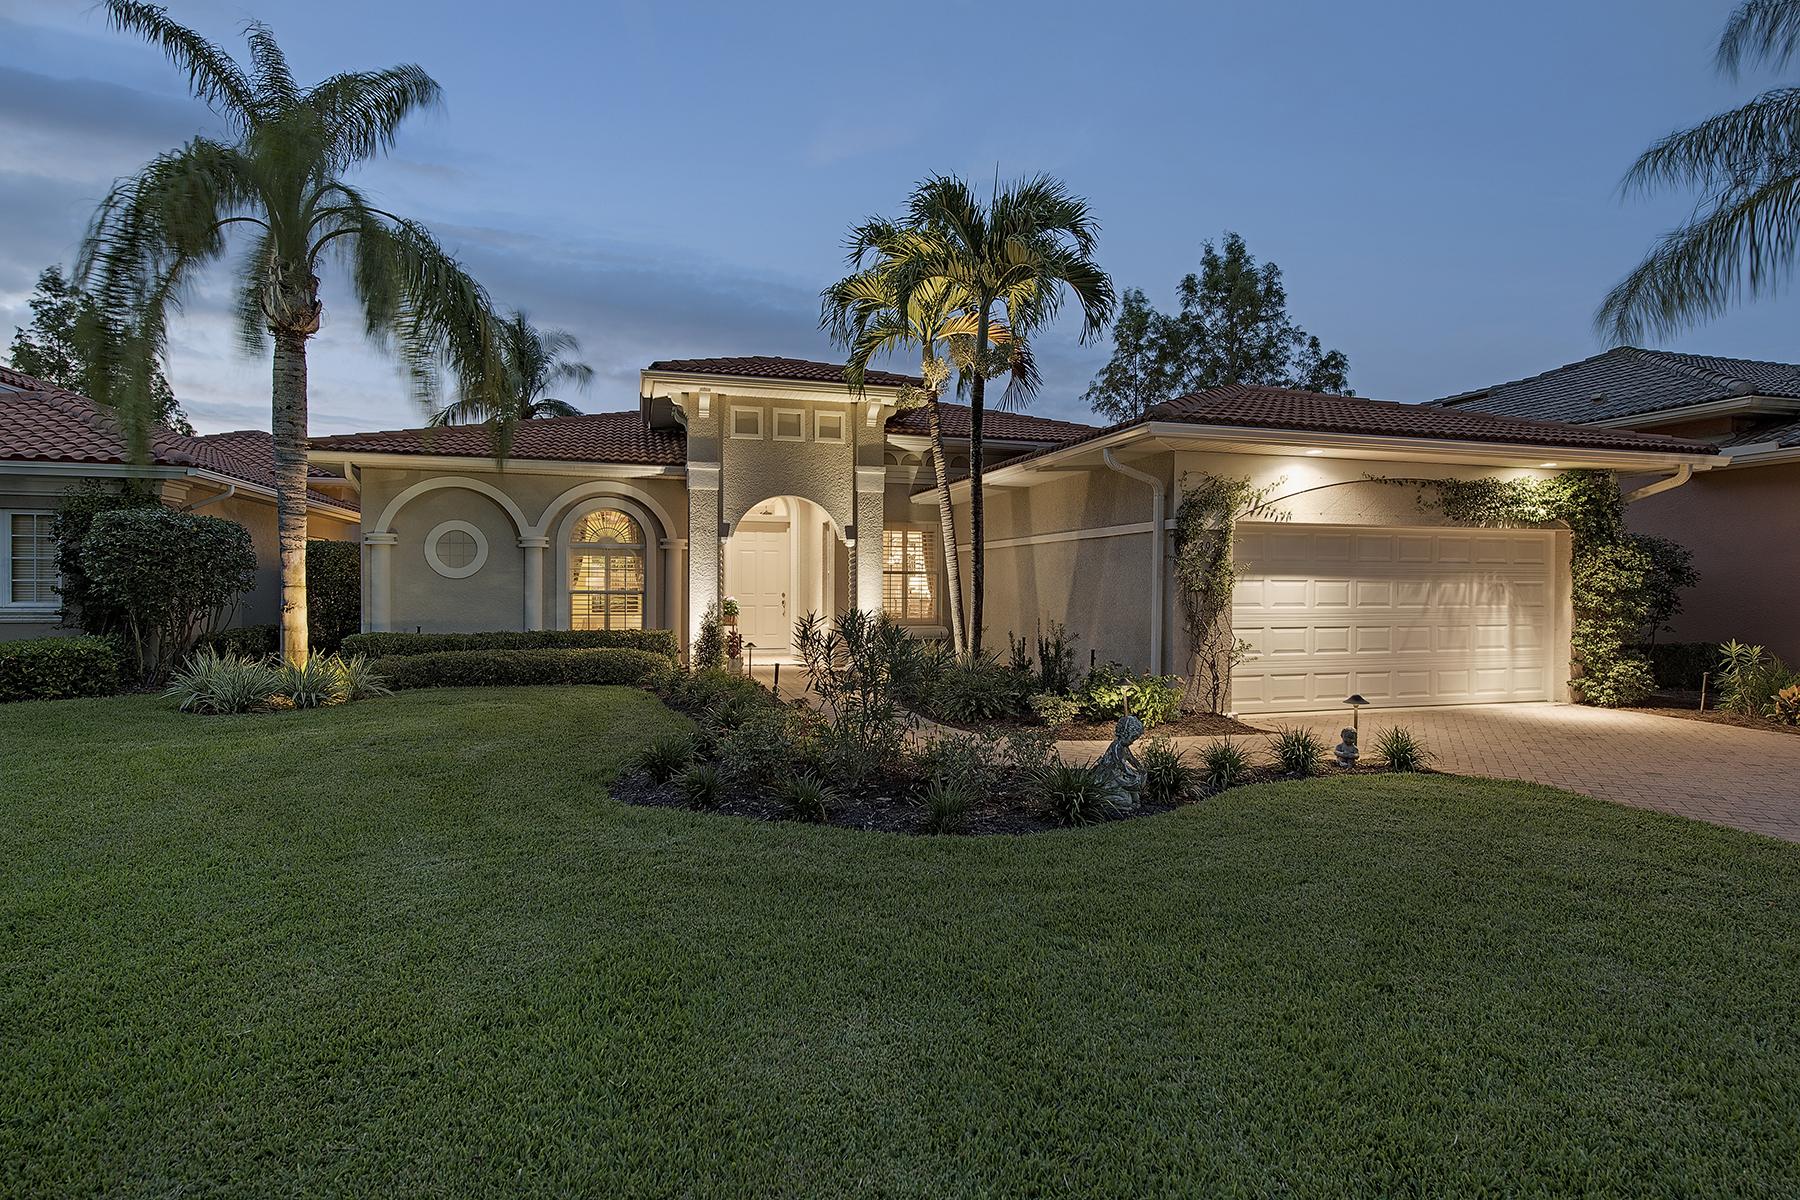 Einfamilienhaus für Verkauf beim OLDE CYPRESS - SANTA ROSA 7395 Monteverde Way Naples, Florida, 34119 Vereinigte Staaten